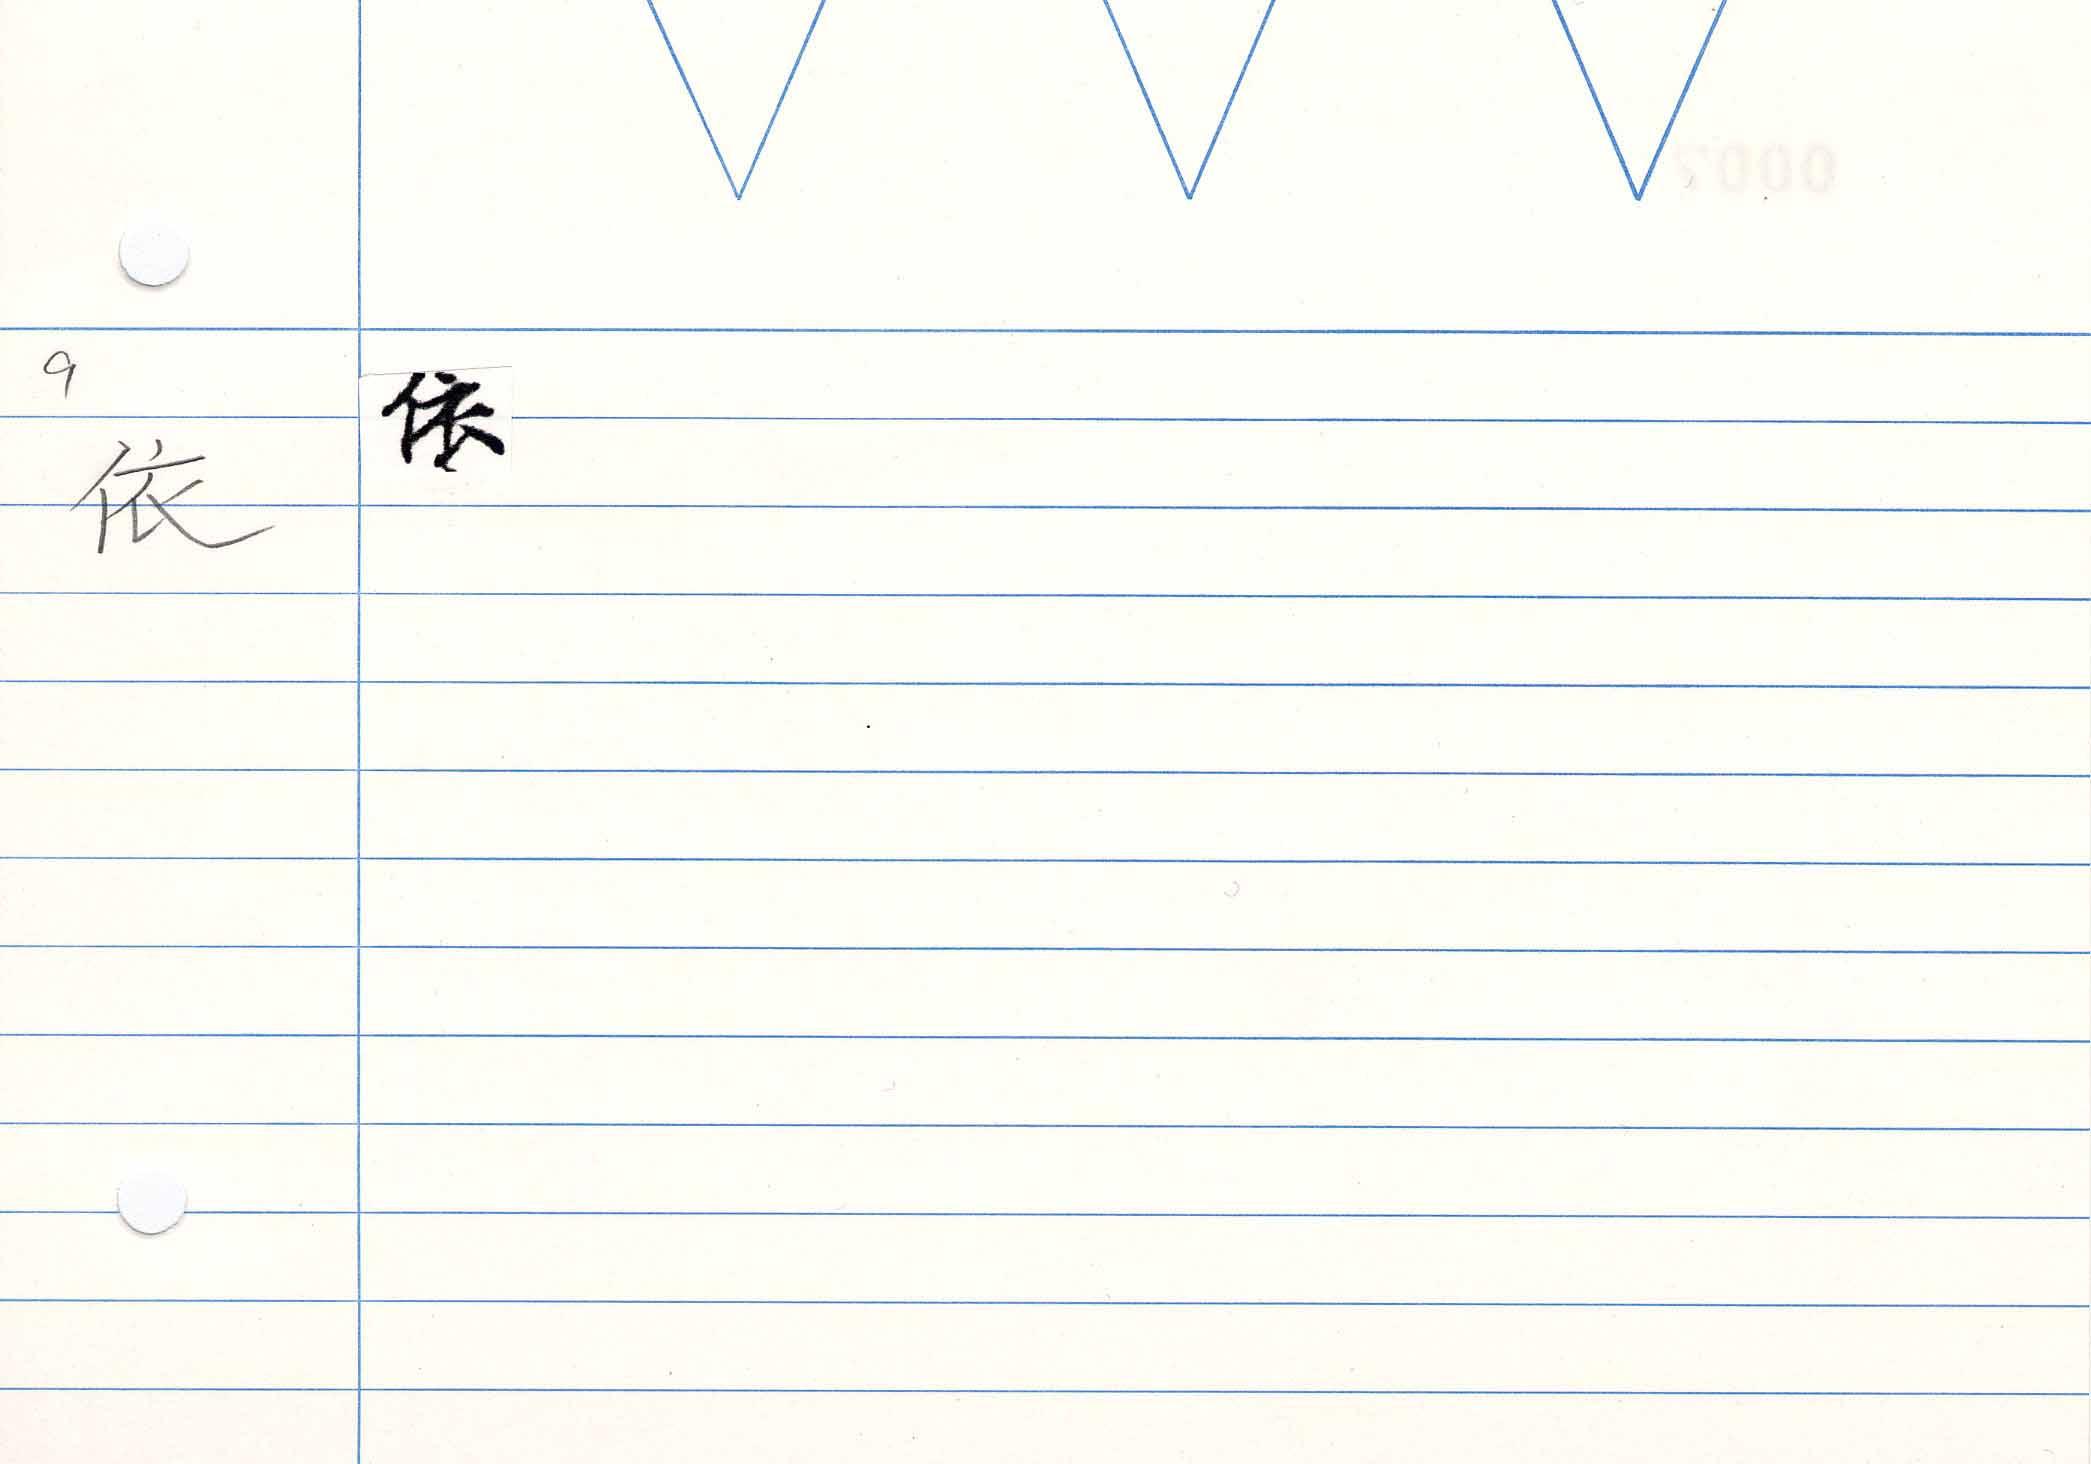 13_妙法蓮華經卷八(S.2577)/cards/0007.jpg